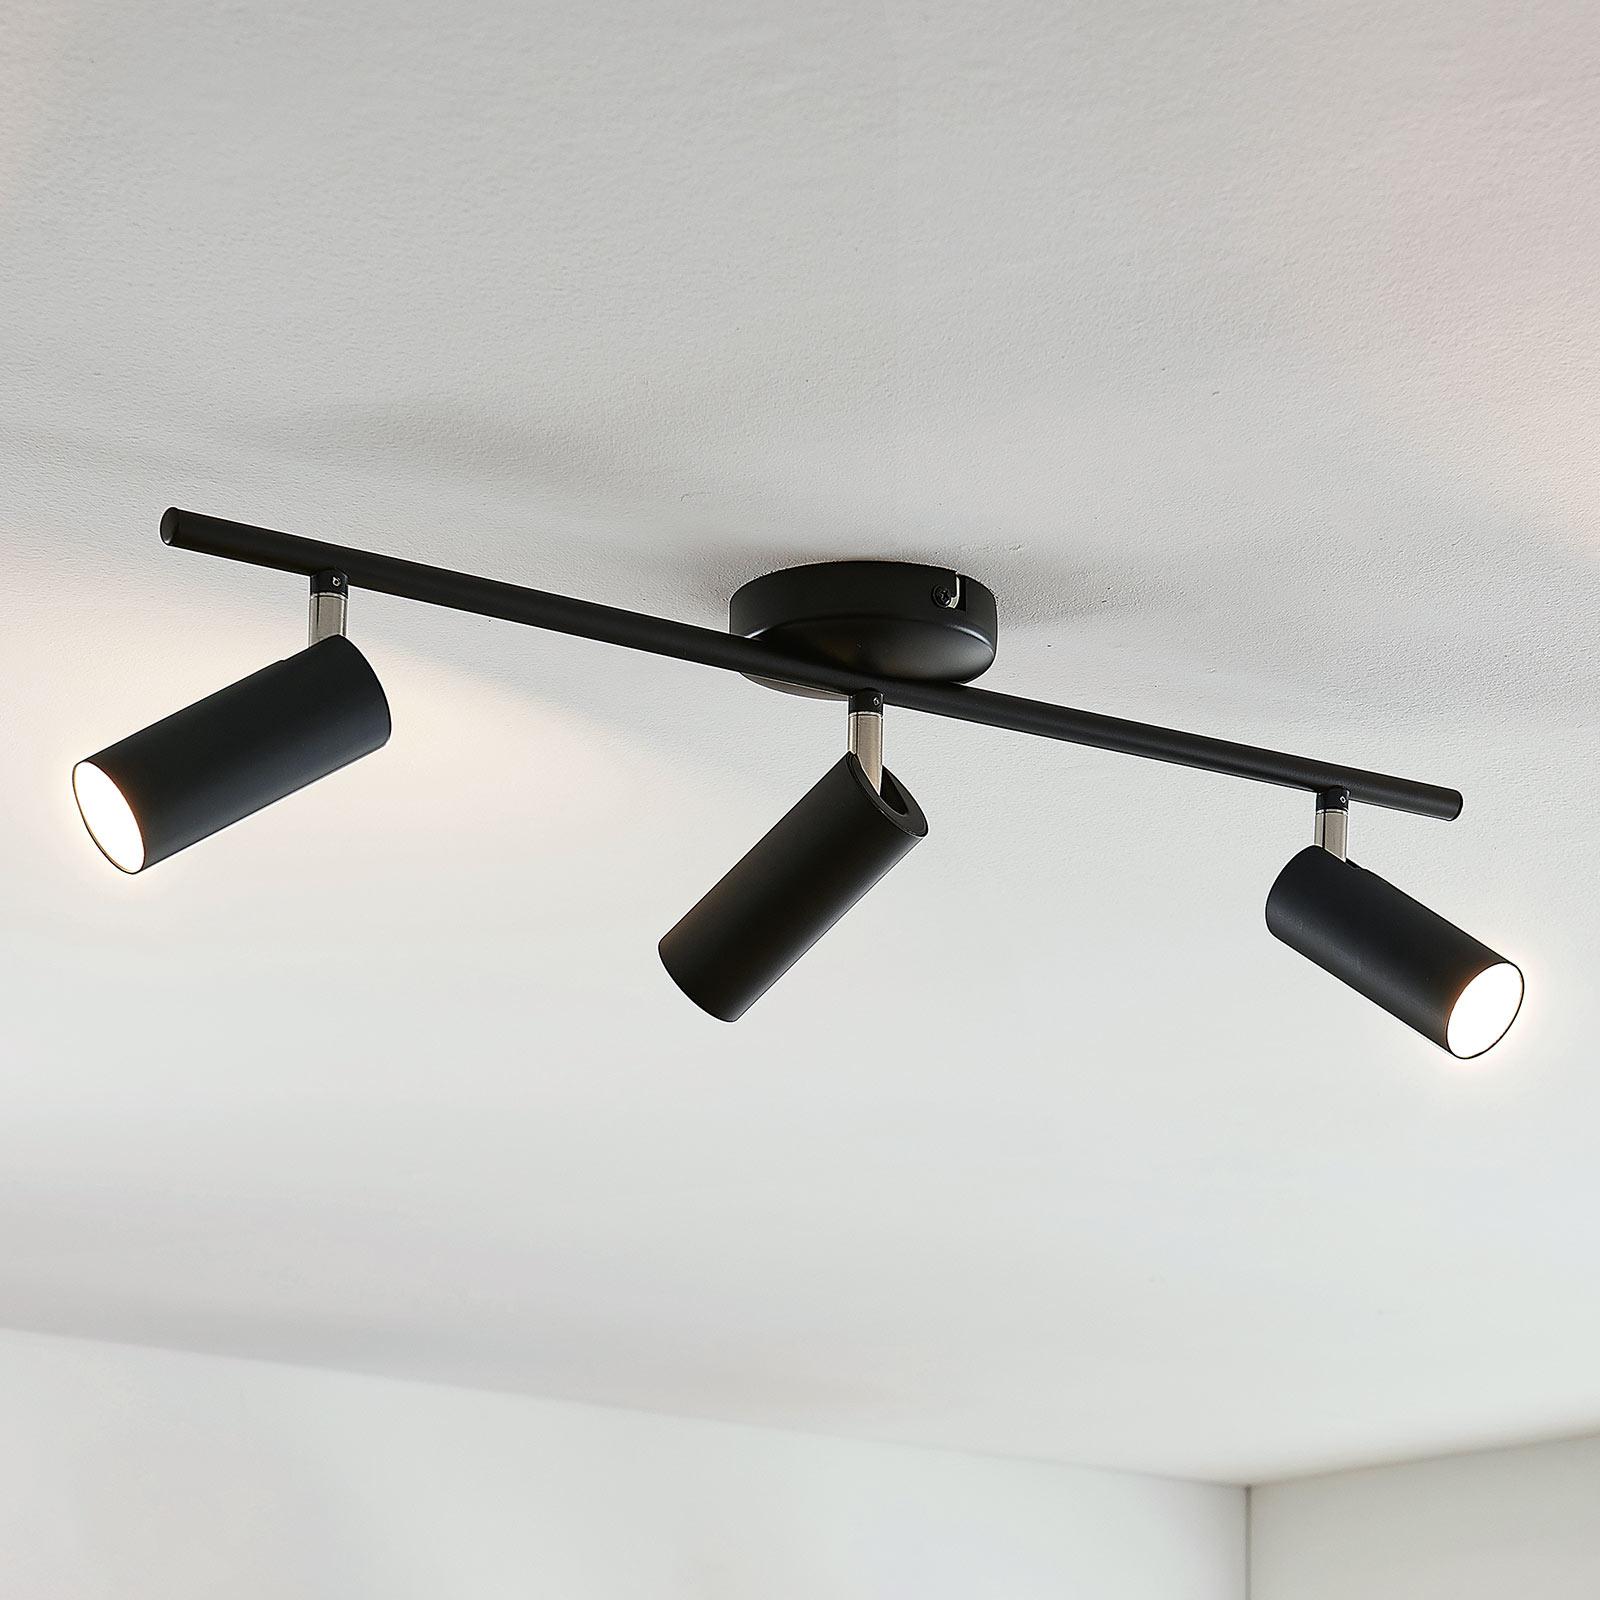 LED-kattovalaisin Camille, musta, kolmilamppuinen